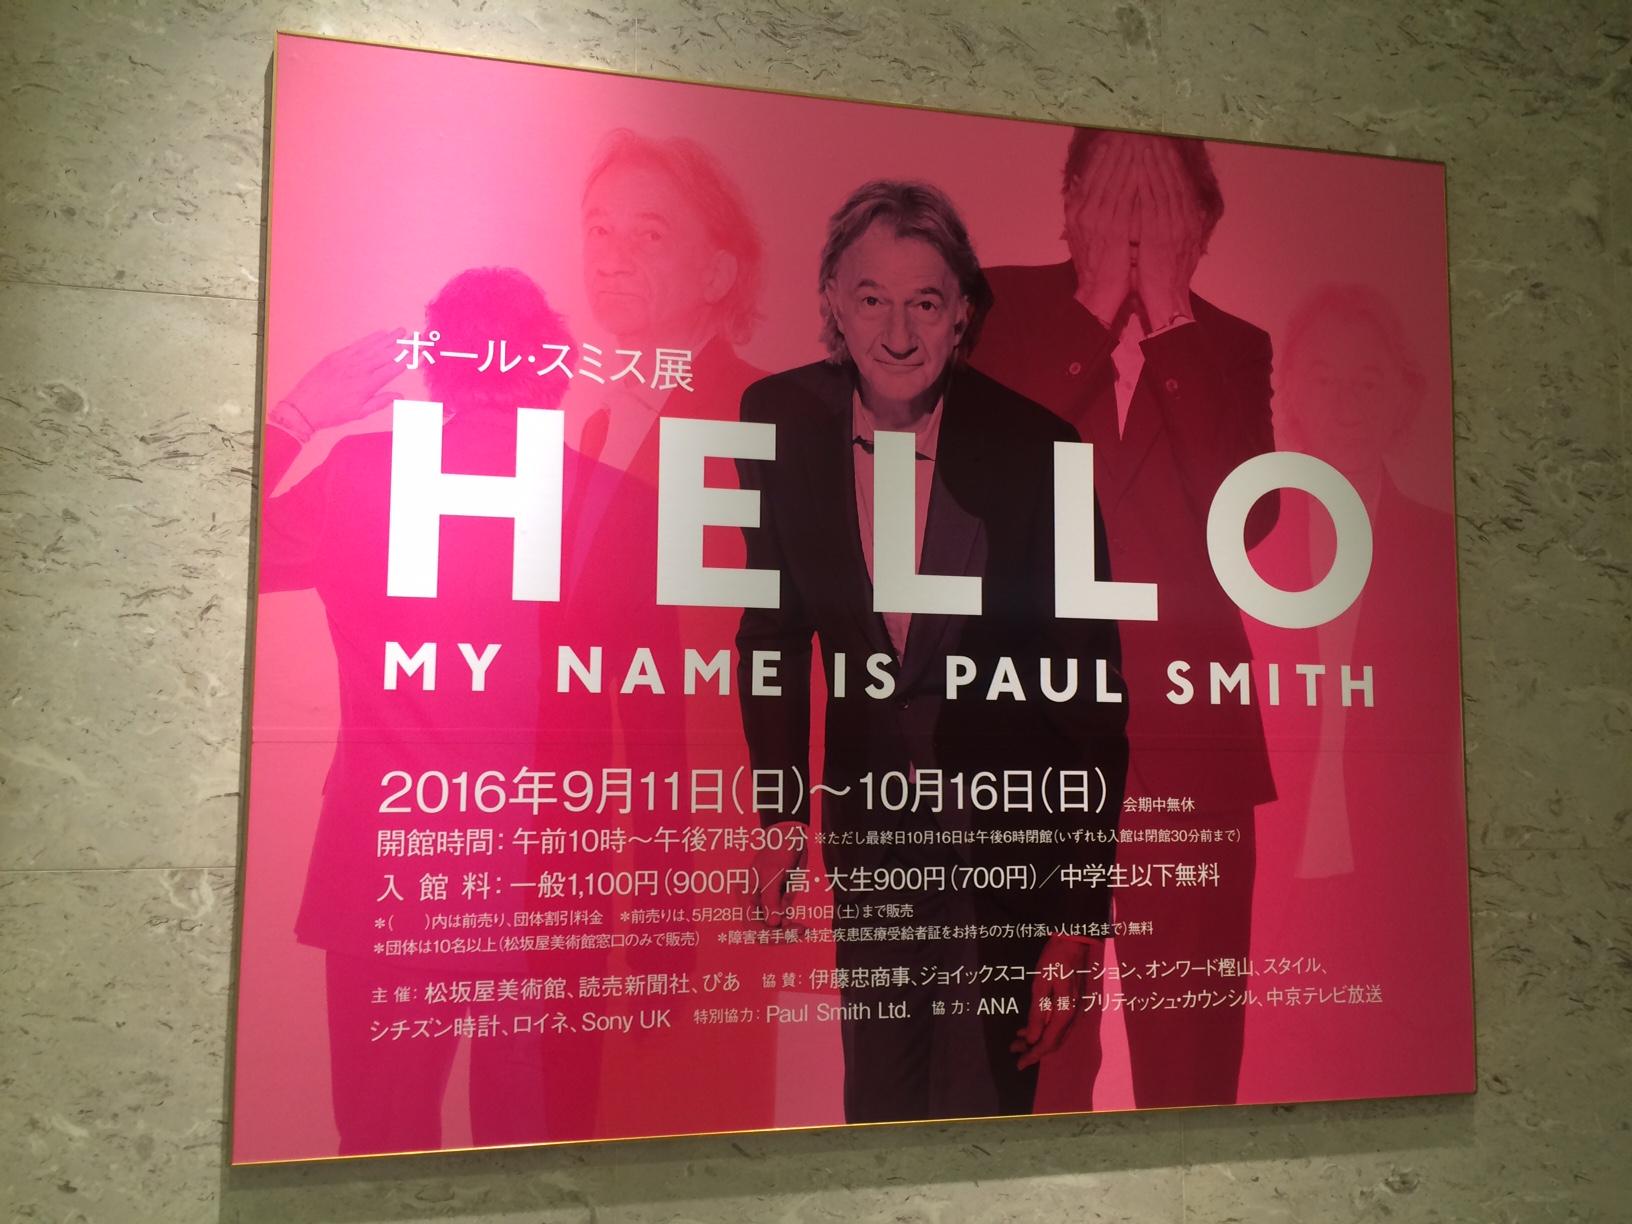 カラフルな作品と展示に心躍る!「ポール・スミス展」 in 名古屋体験レポート - IMG 7884